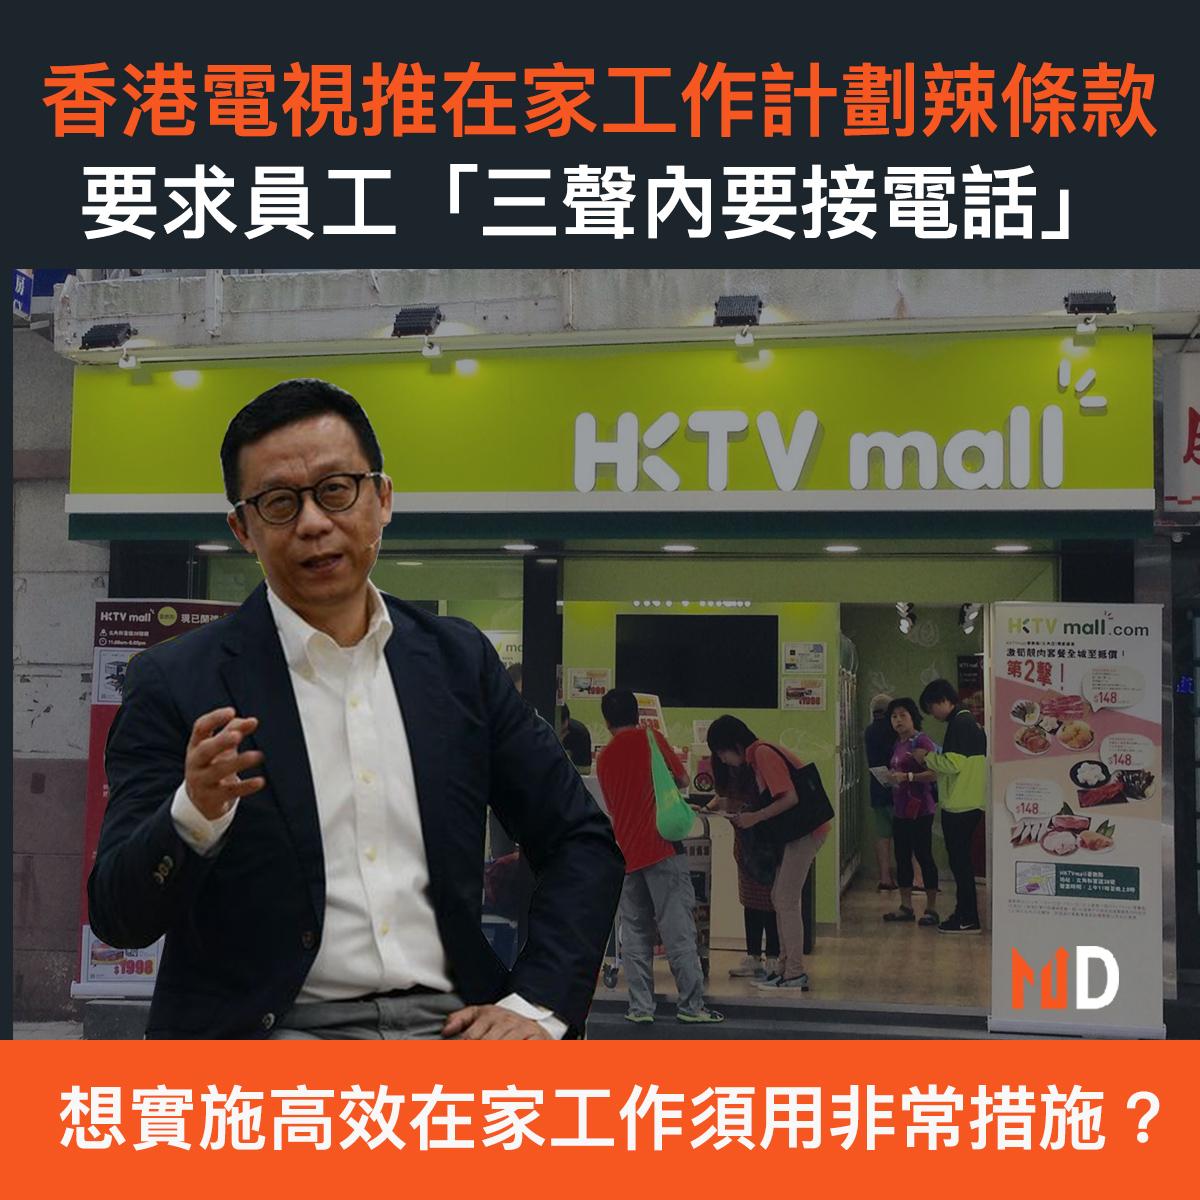 【市場熱話】香港電視推在家工作計劃辣條款,要求員工「三聲內要接電話」